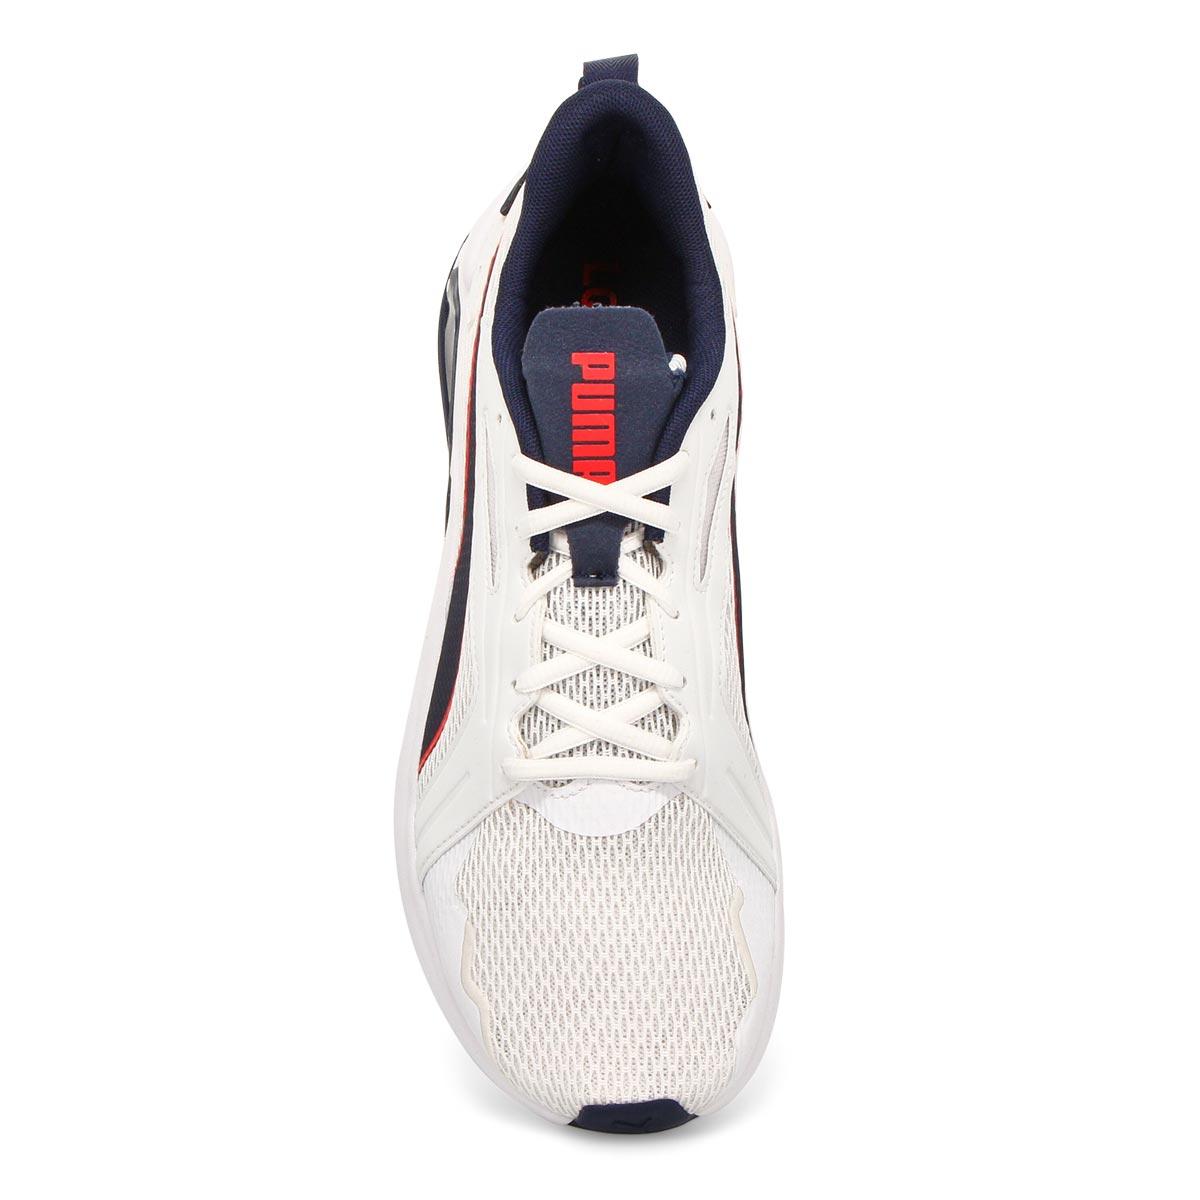 Men's Lqdcell Method Sneaker - Peacoat/White/Red